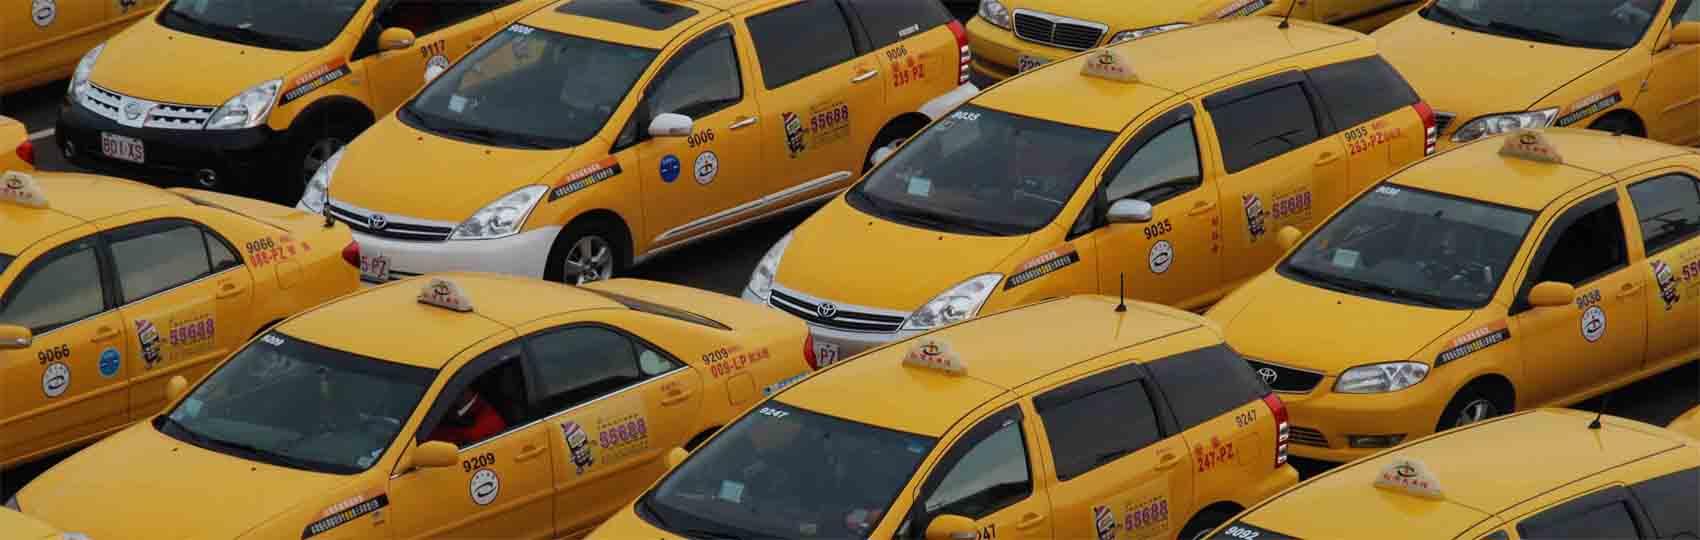 Noticias del sector del taxi y la movilidad en Taiwan. Mantente informado de todas las noticias del taxi de Taiwan en el grupo de Facebook de Todo Taxi.